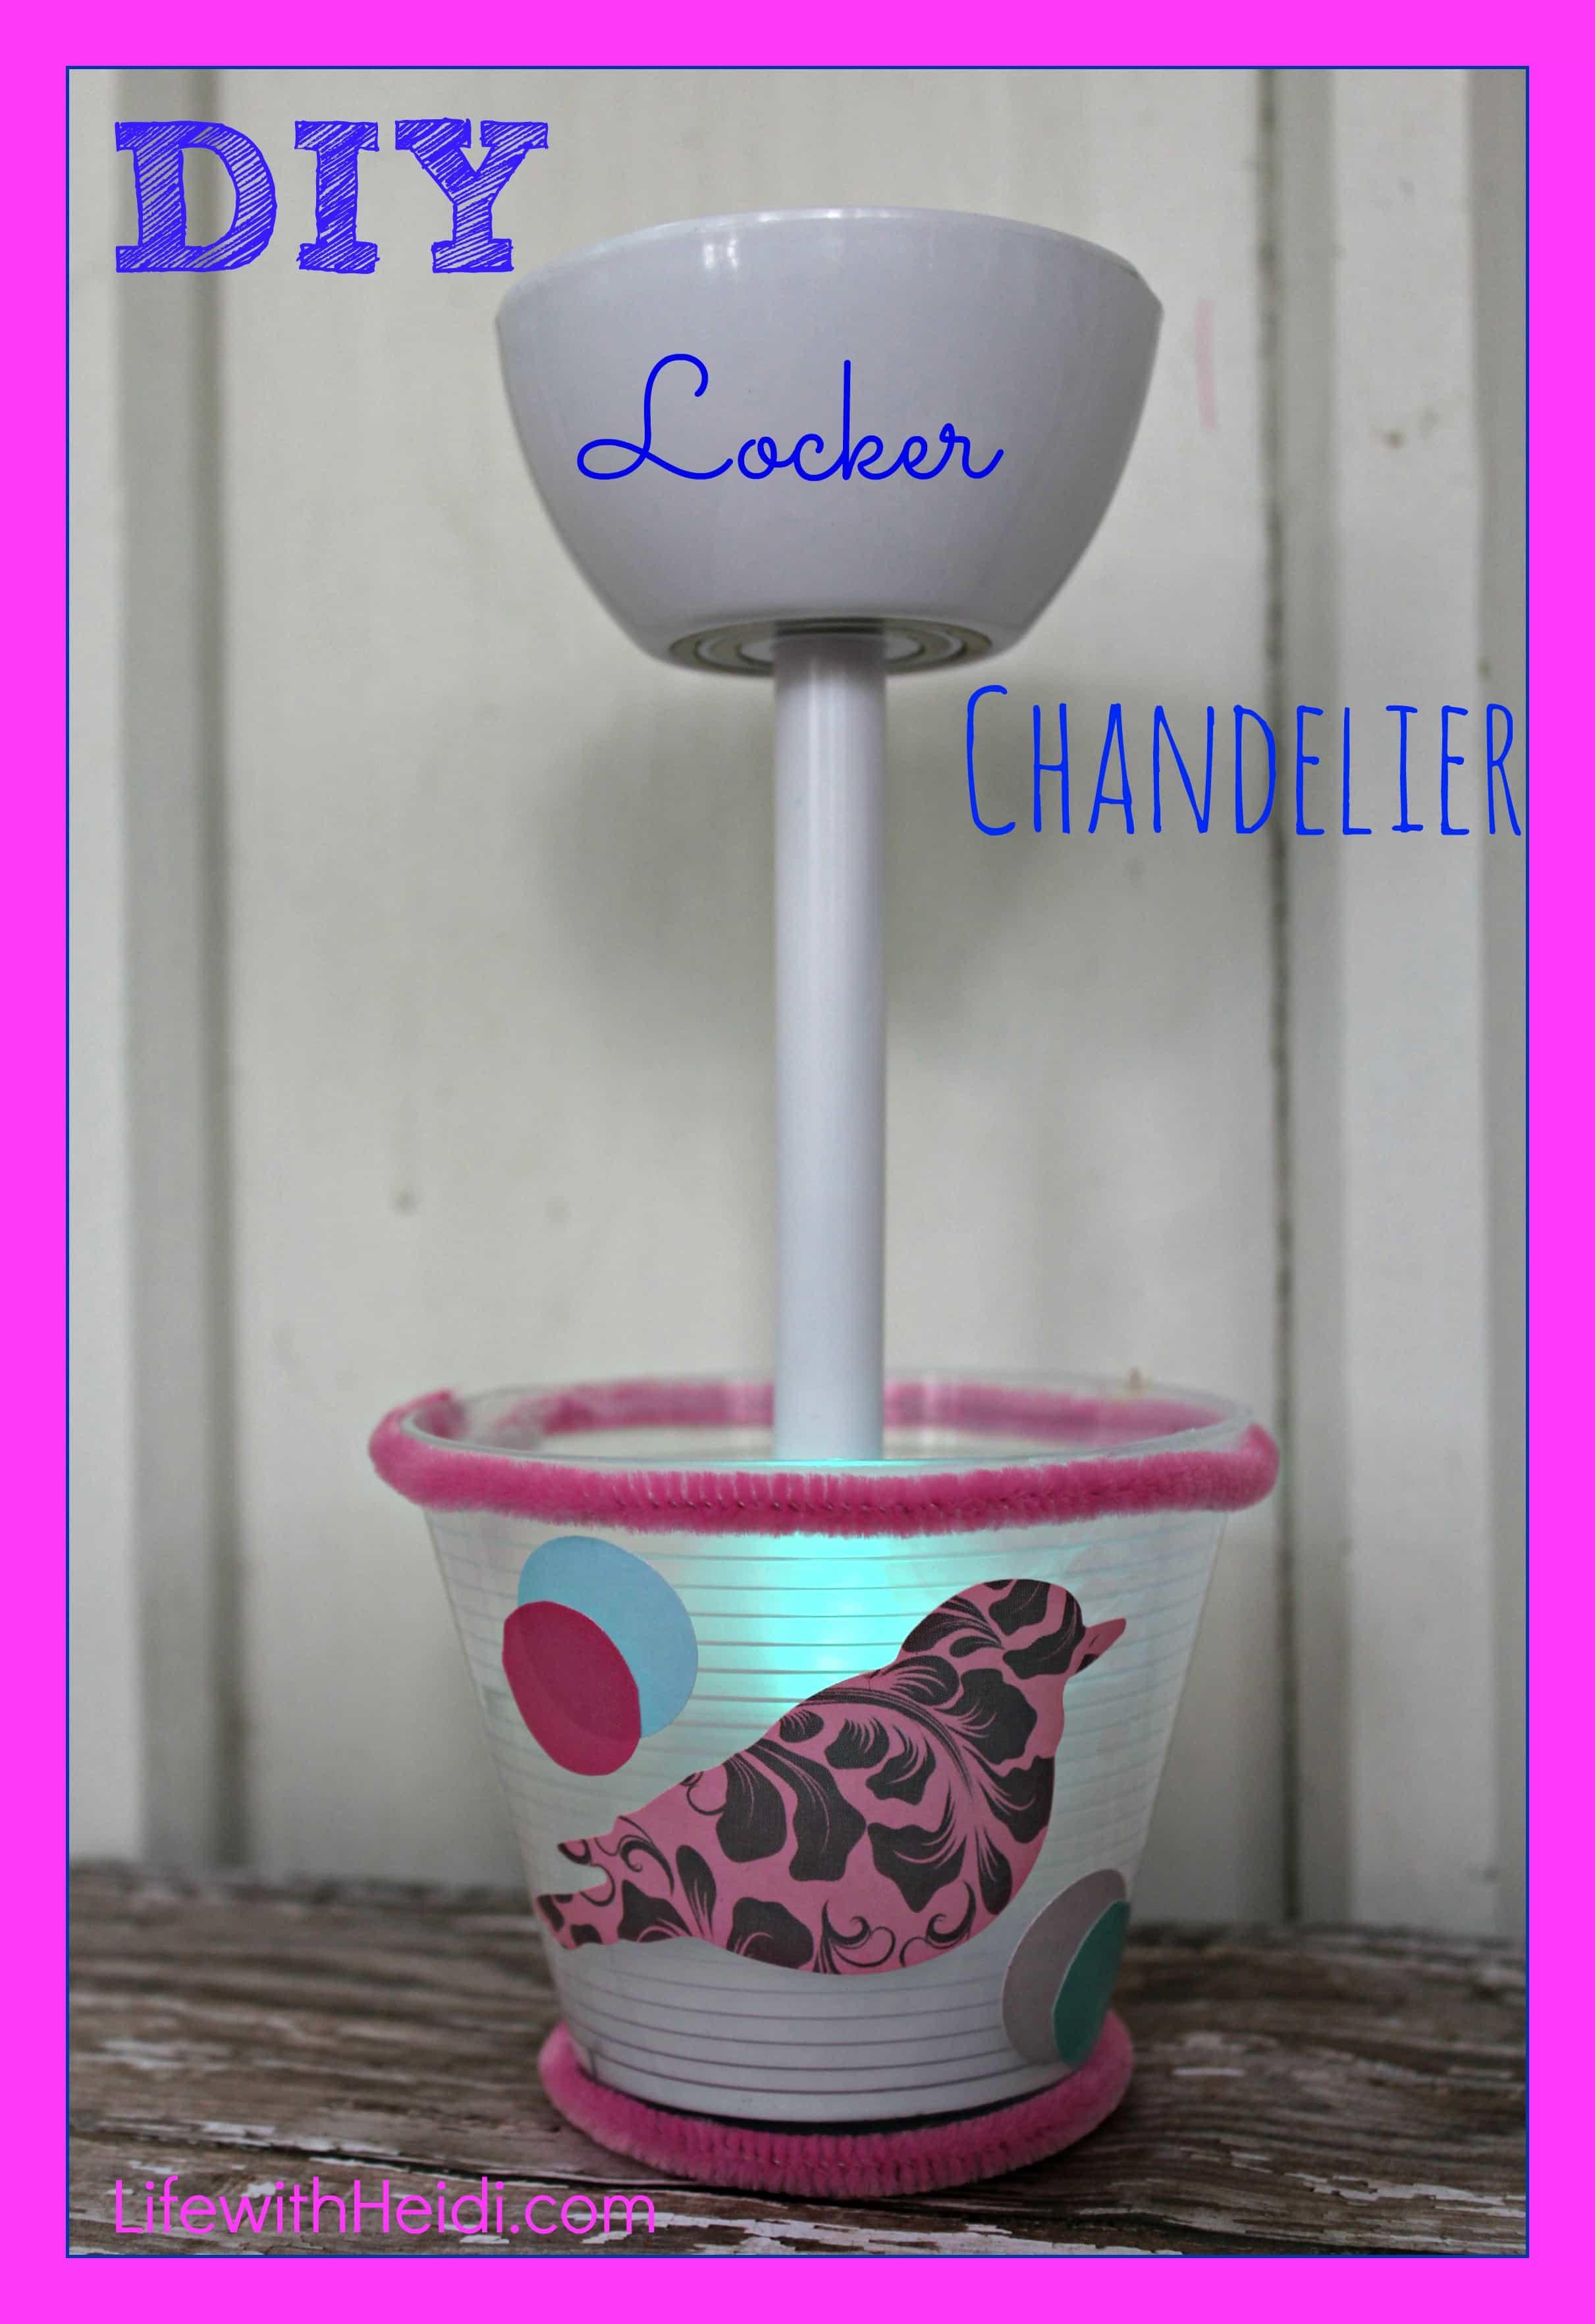 DIY Locker Chandelier – Chandelier for Lockers